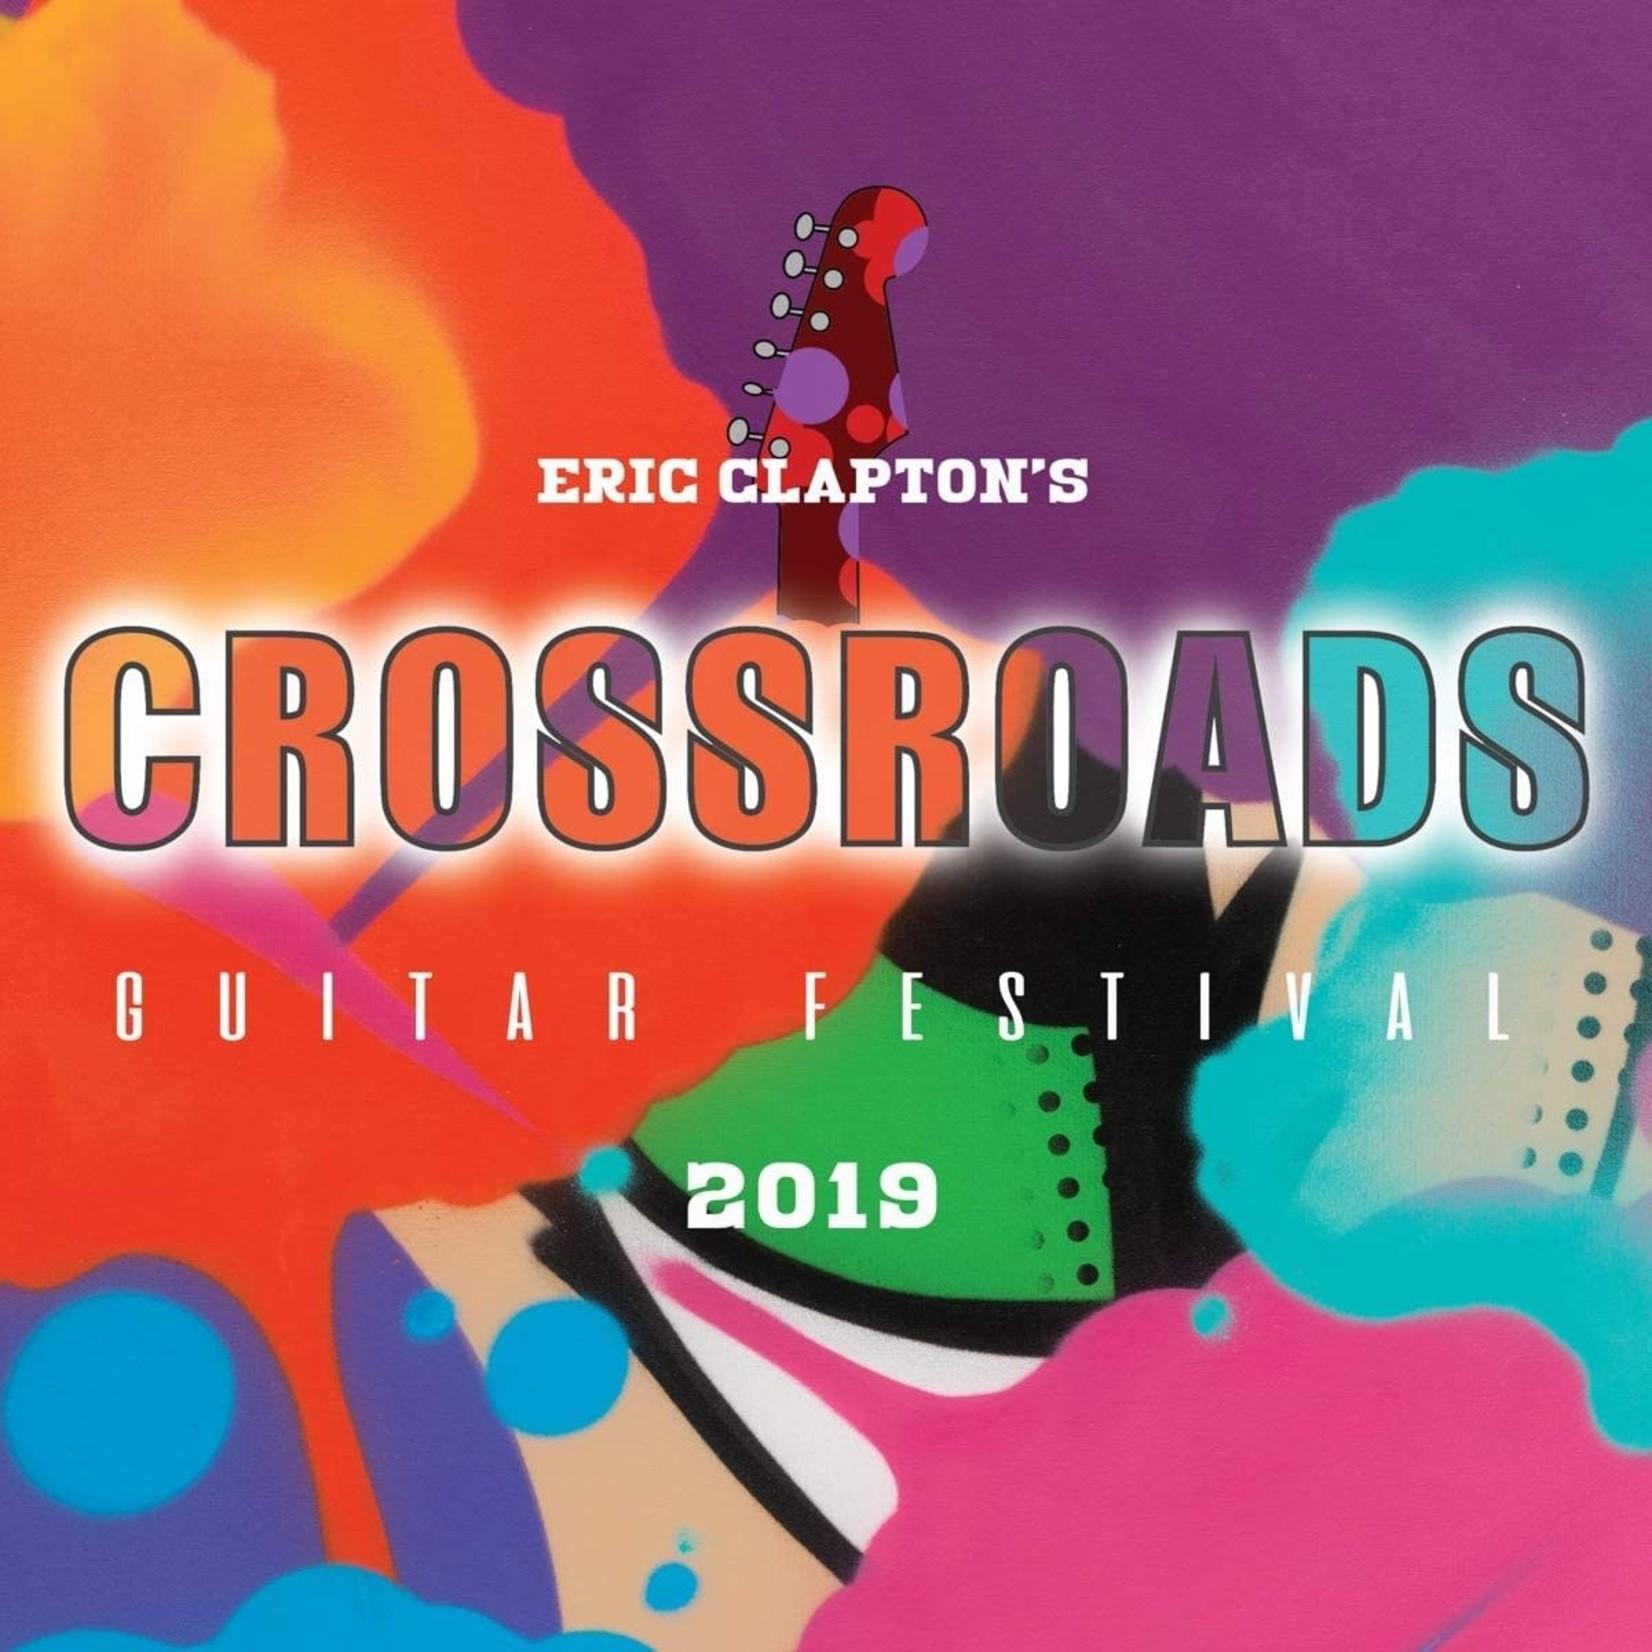 ERIC CLAPTON ERIC CLAPTON'S CROSSROADS GUITAR FESTIVAL 2019 (6 LP)